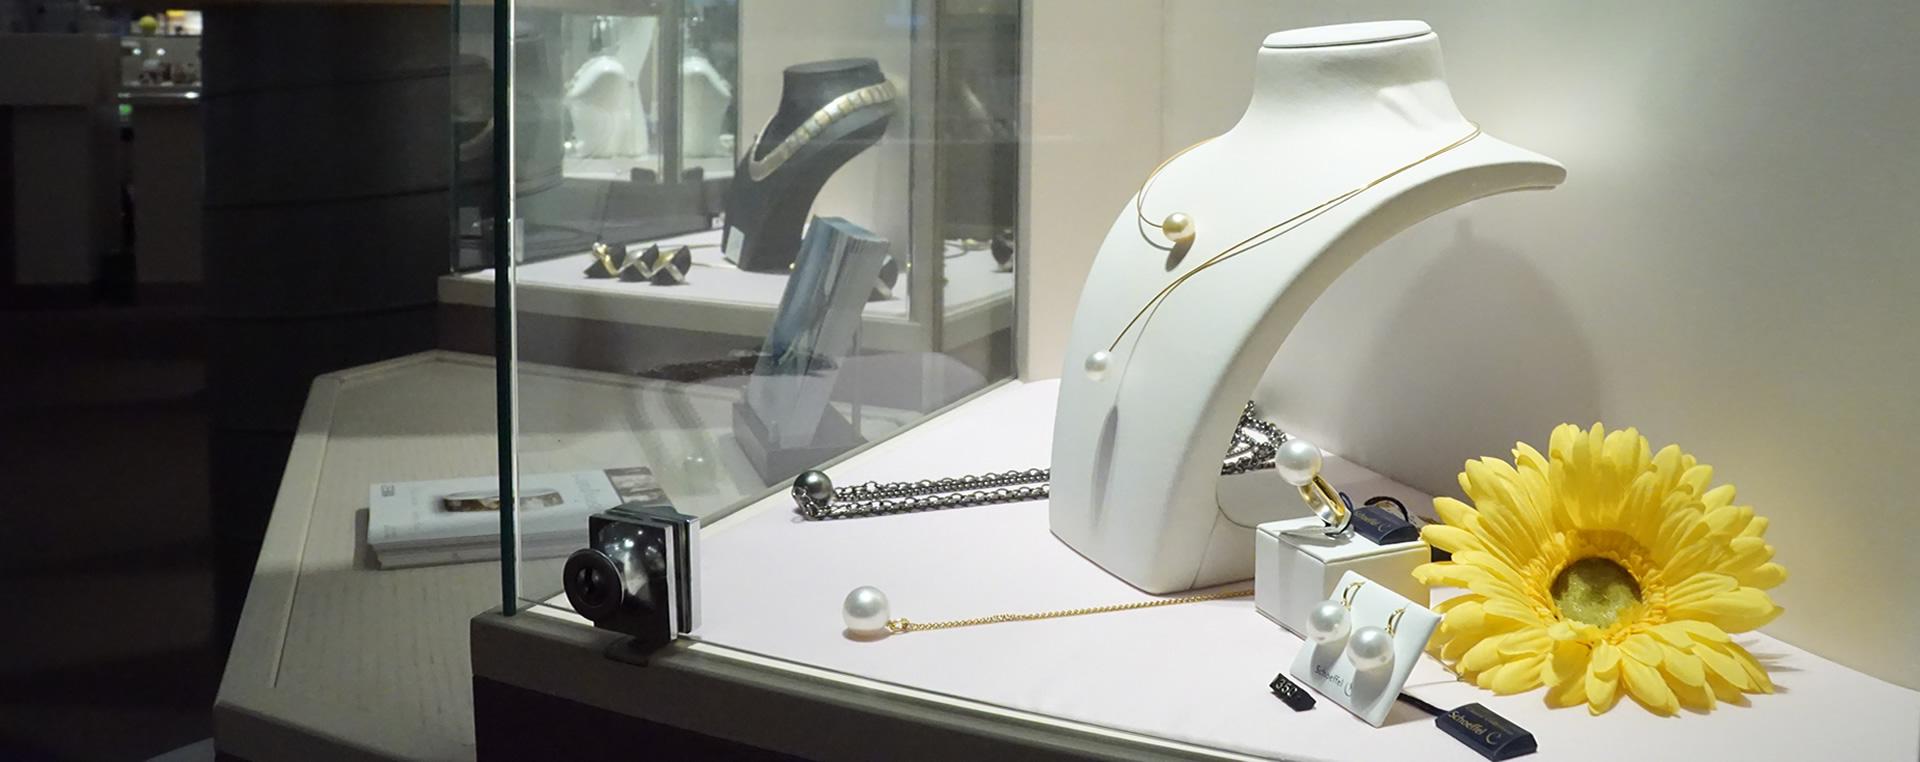 Juwelier Hunke Innenansicht4